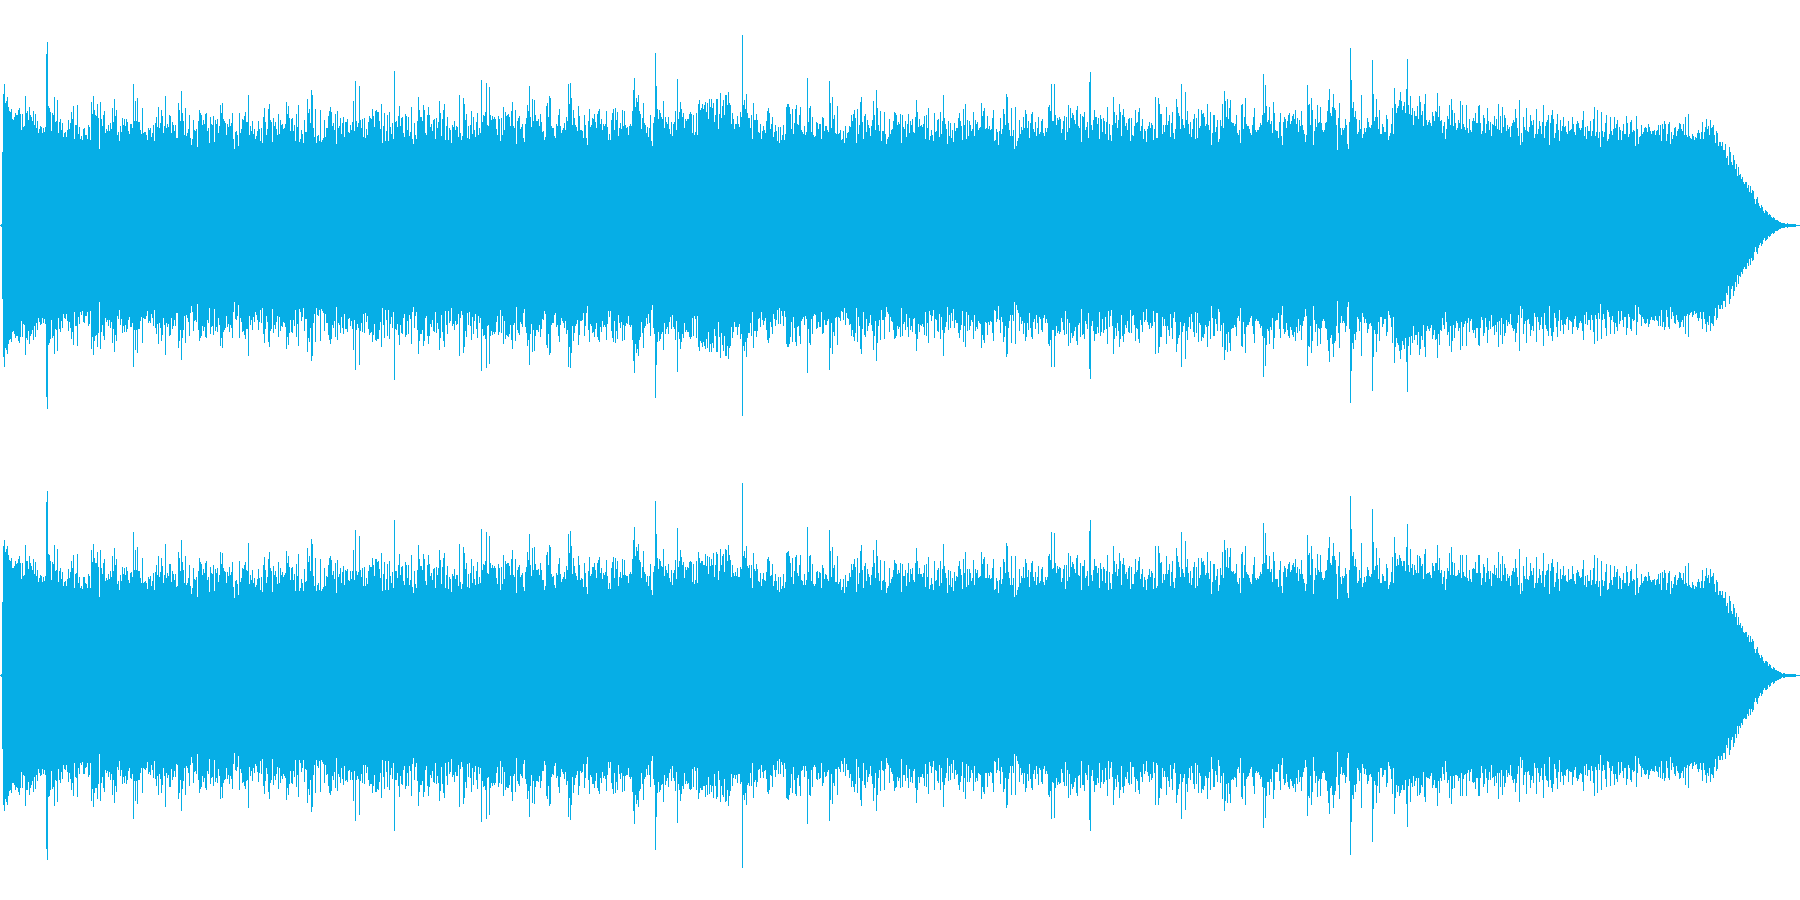 【15秒】カッコいいロックなジングルの再生済みの波形